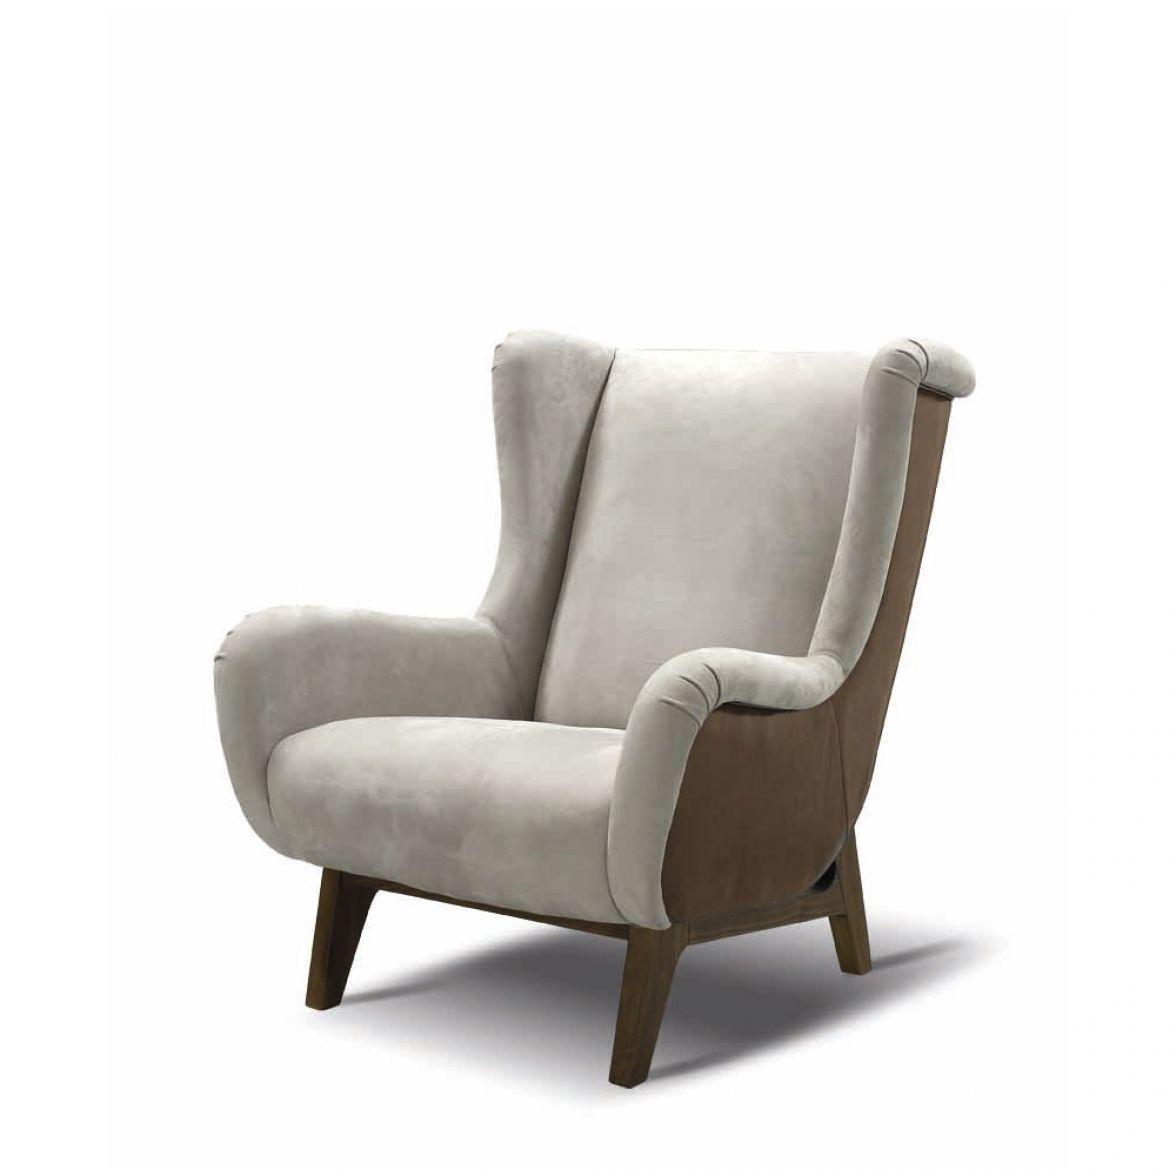 Brigitte armchair